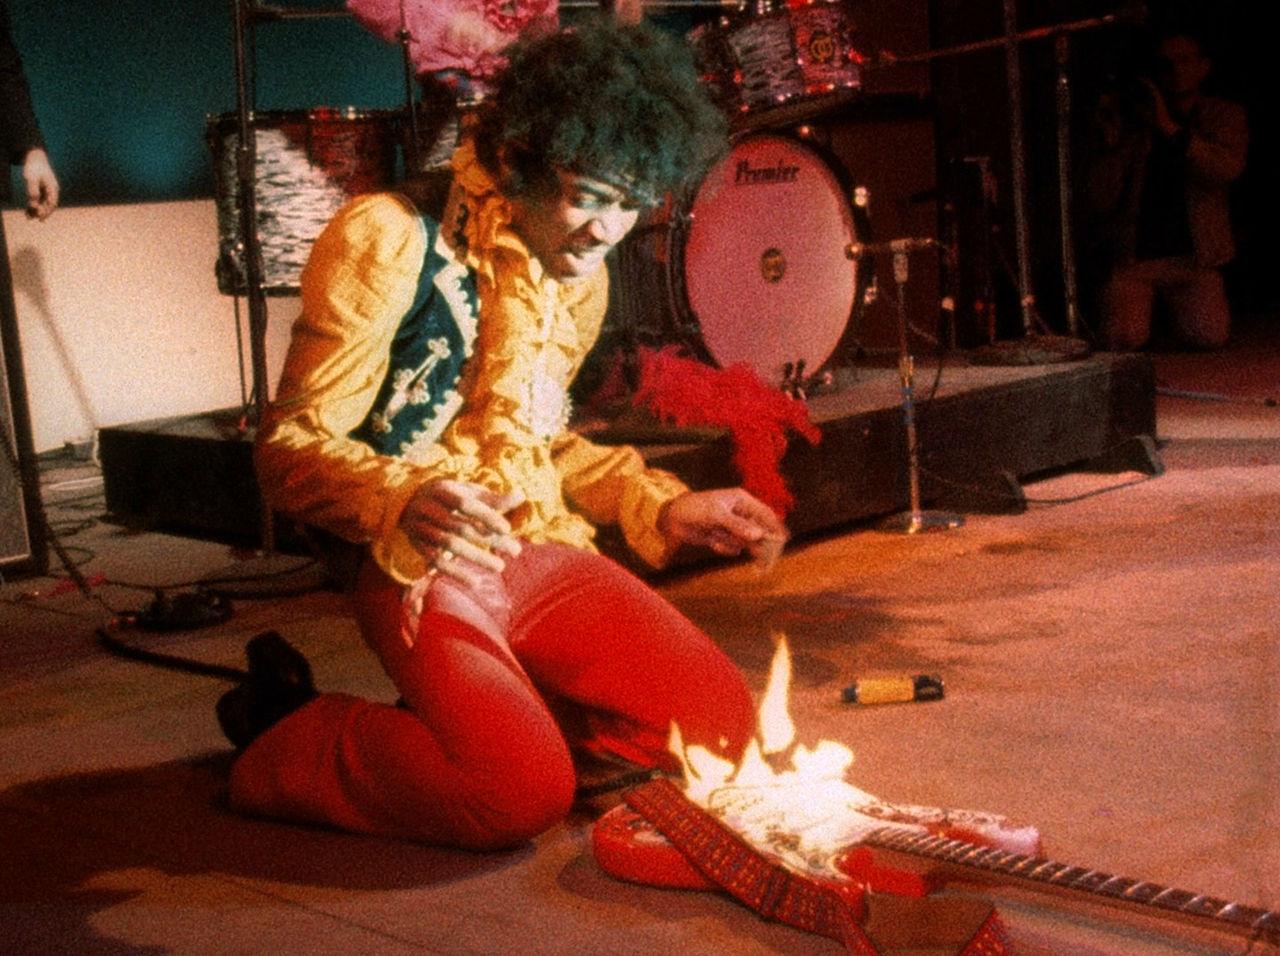 ¿En qué espectáculo prendió fuego Jimi Hendrix a su guitarra?